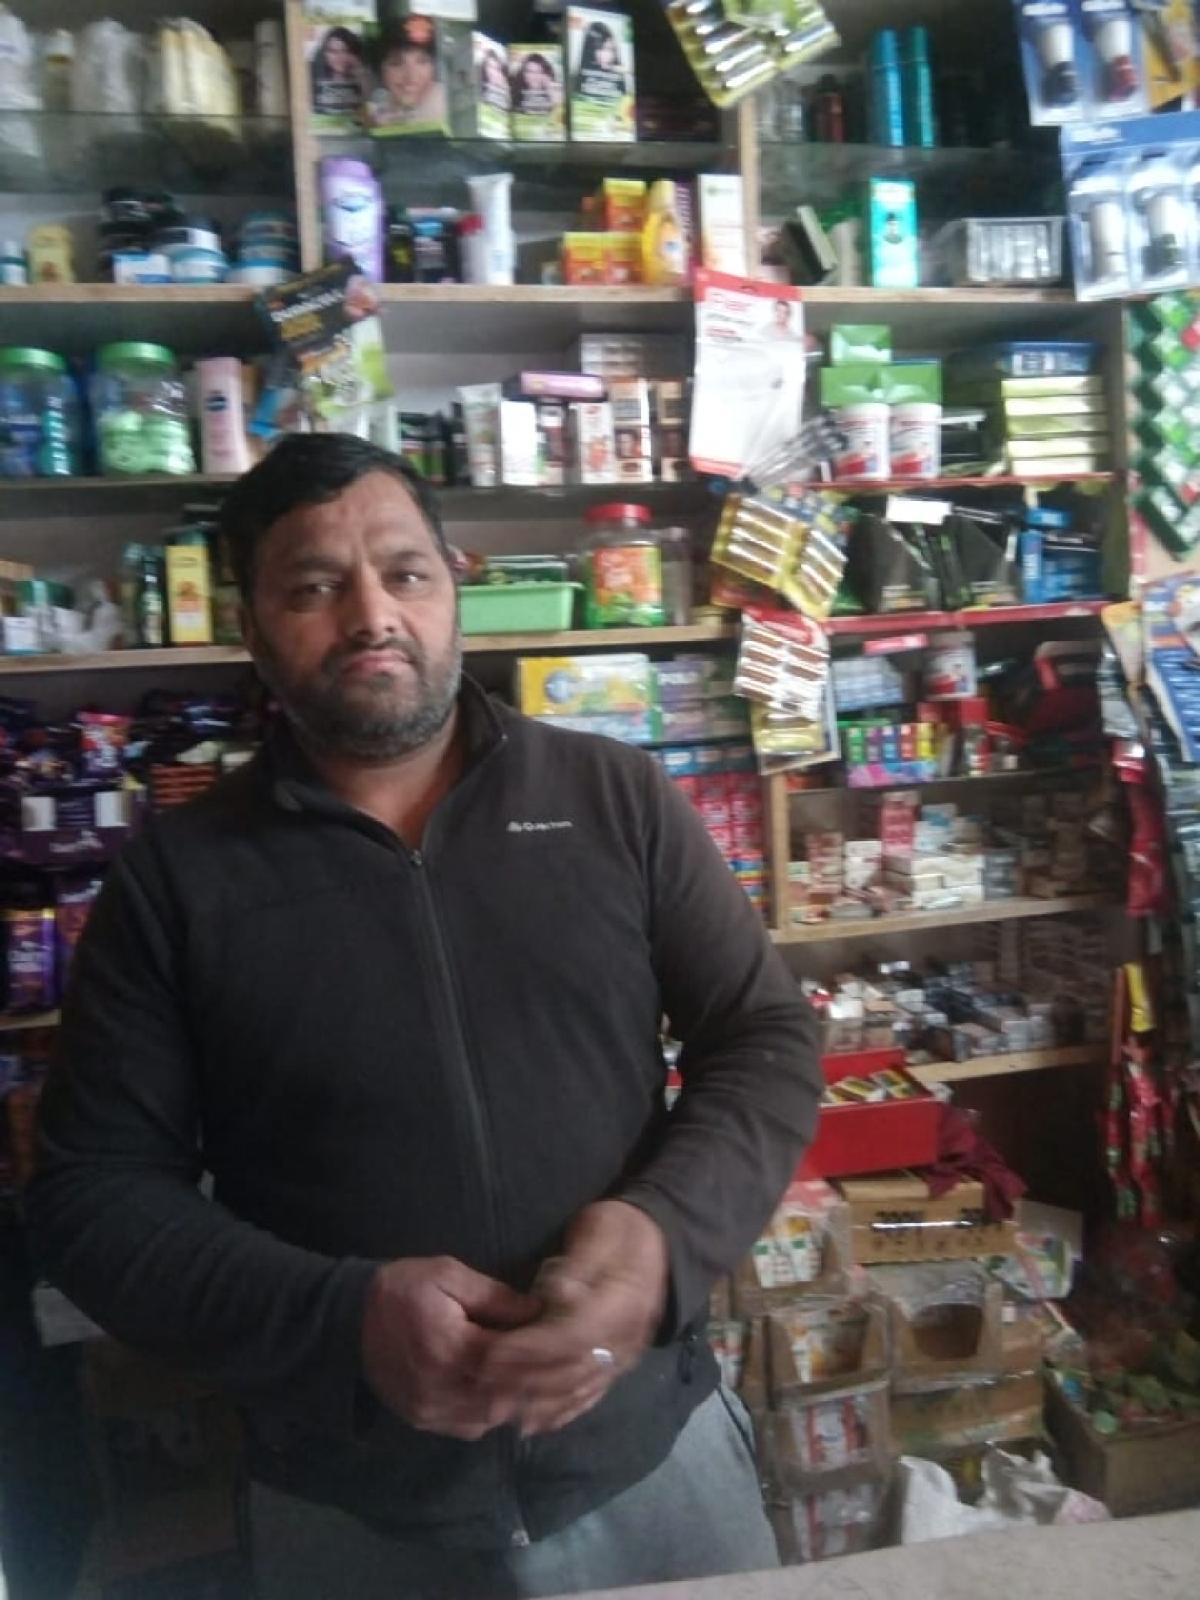 प्रीणी में किराने की दुकान चलाने वाले और देशराज राणा